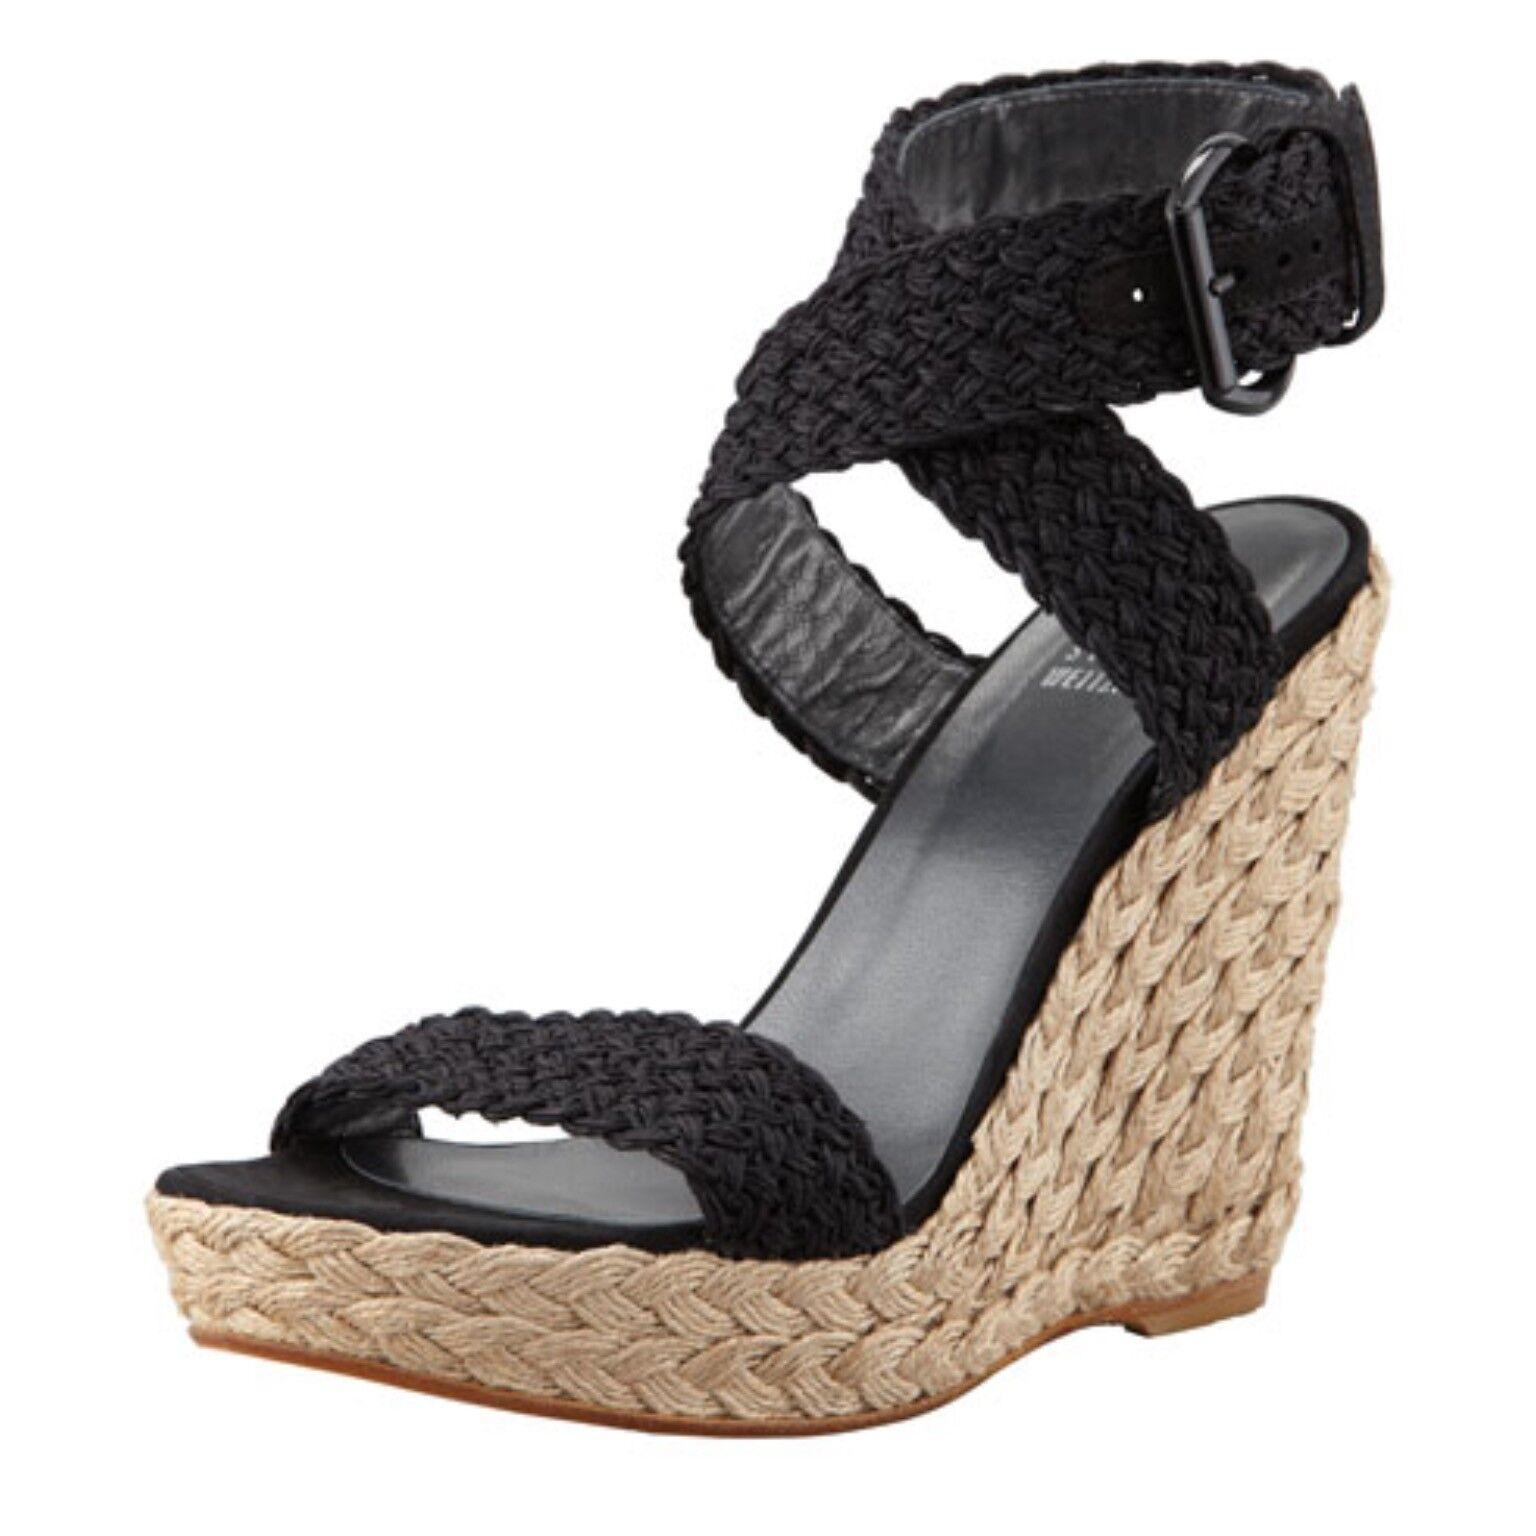 Stuart Weitzman Auth  399 para mujer mujer mujer de Crochet Negro Alex Con Cuña Sandalias De Plataforma 9.5  clásico atemporal